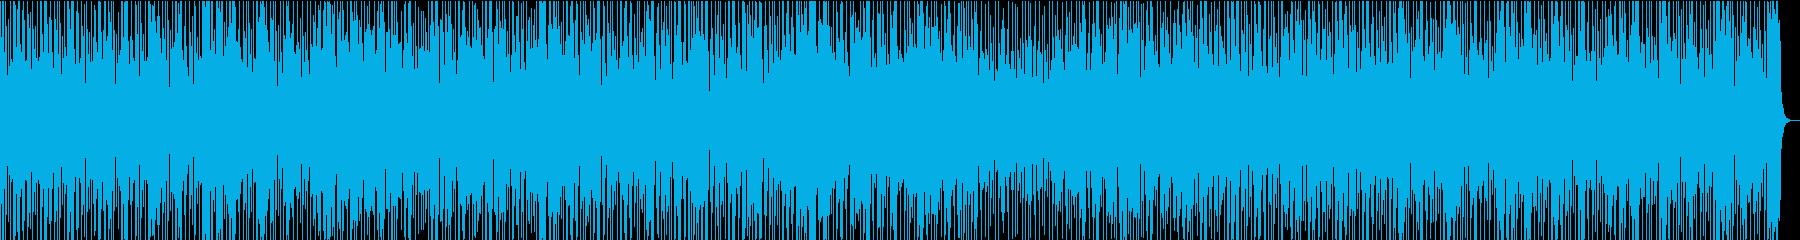 ウルトラグルーヴィーなハウスミック...の再生済みの波形